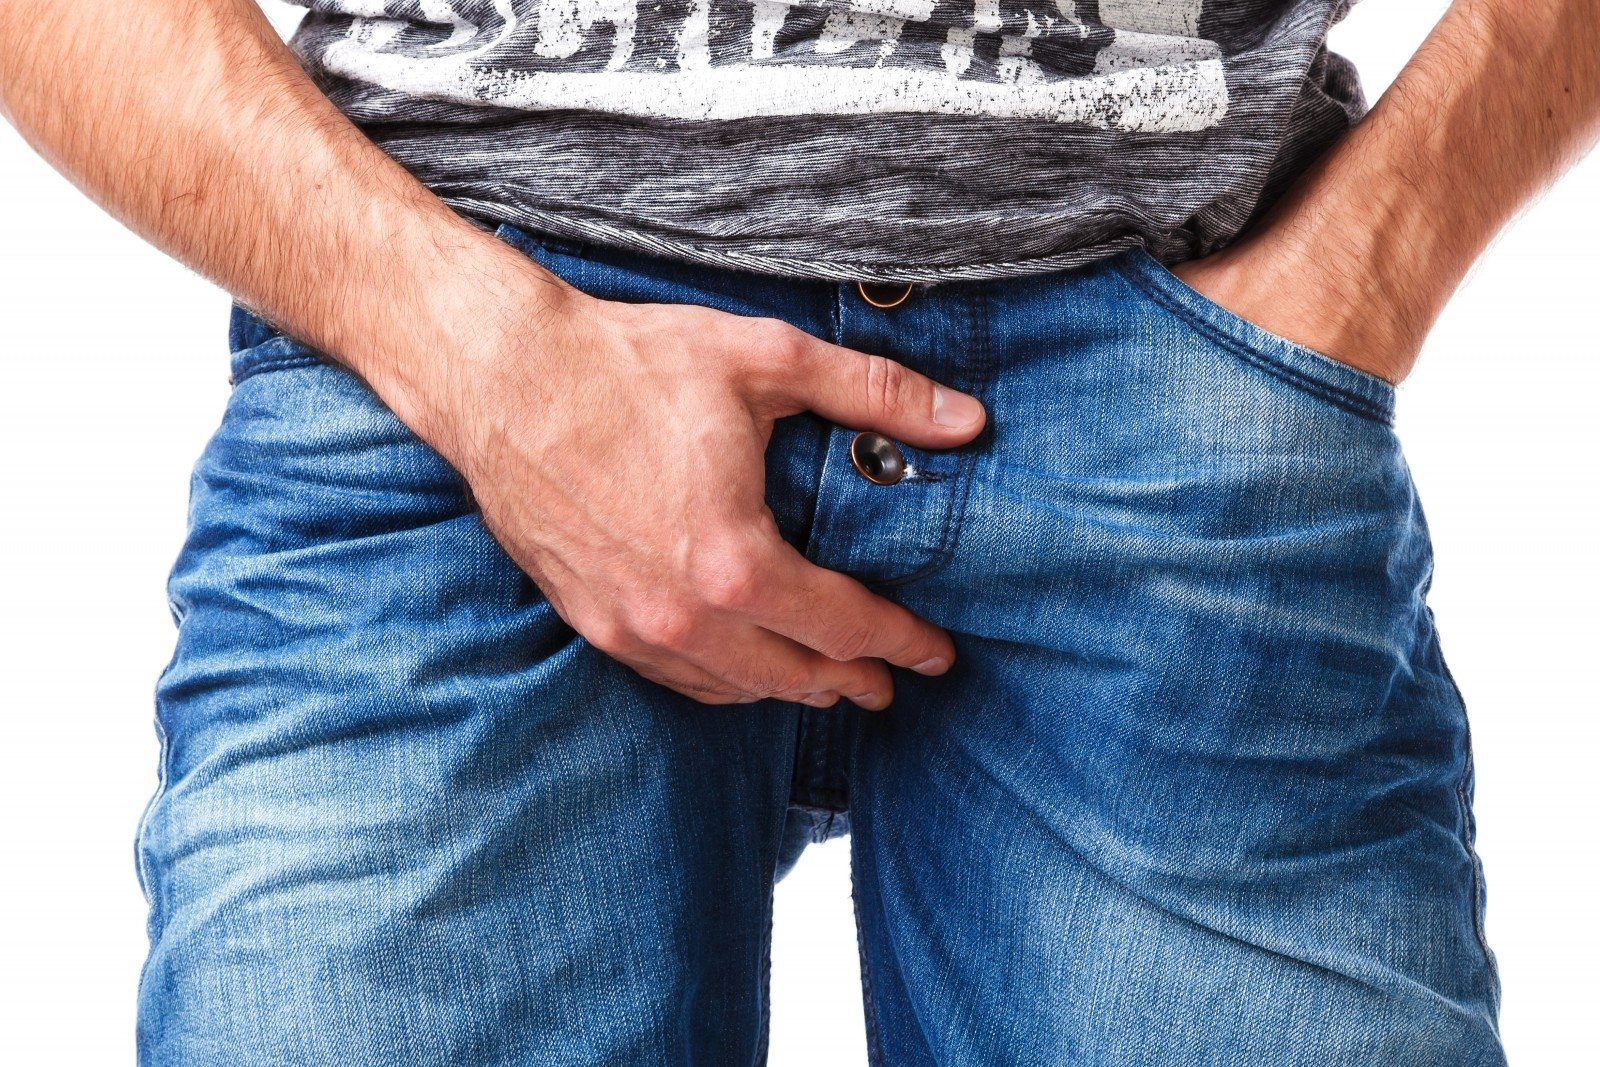 Ko gėdijasi vyrai, nors visi tai daro? | virtualiosstatybos.lt